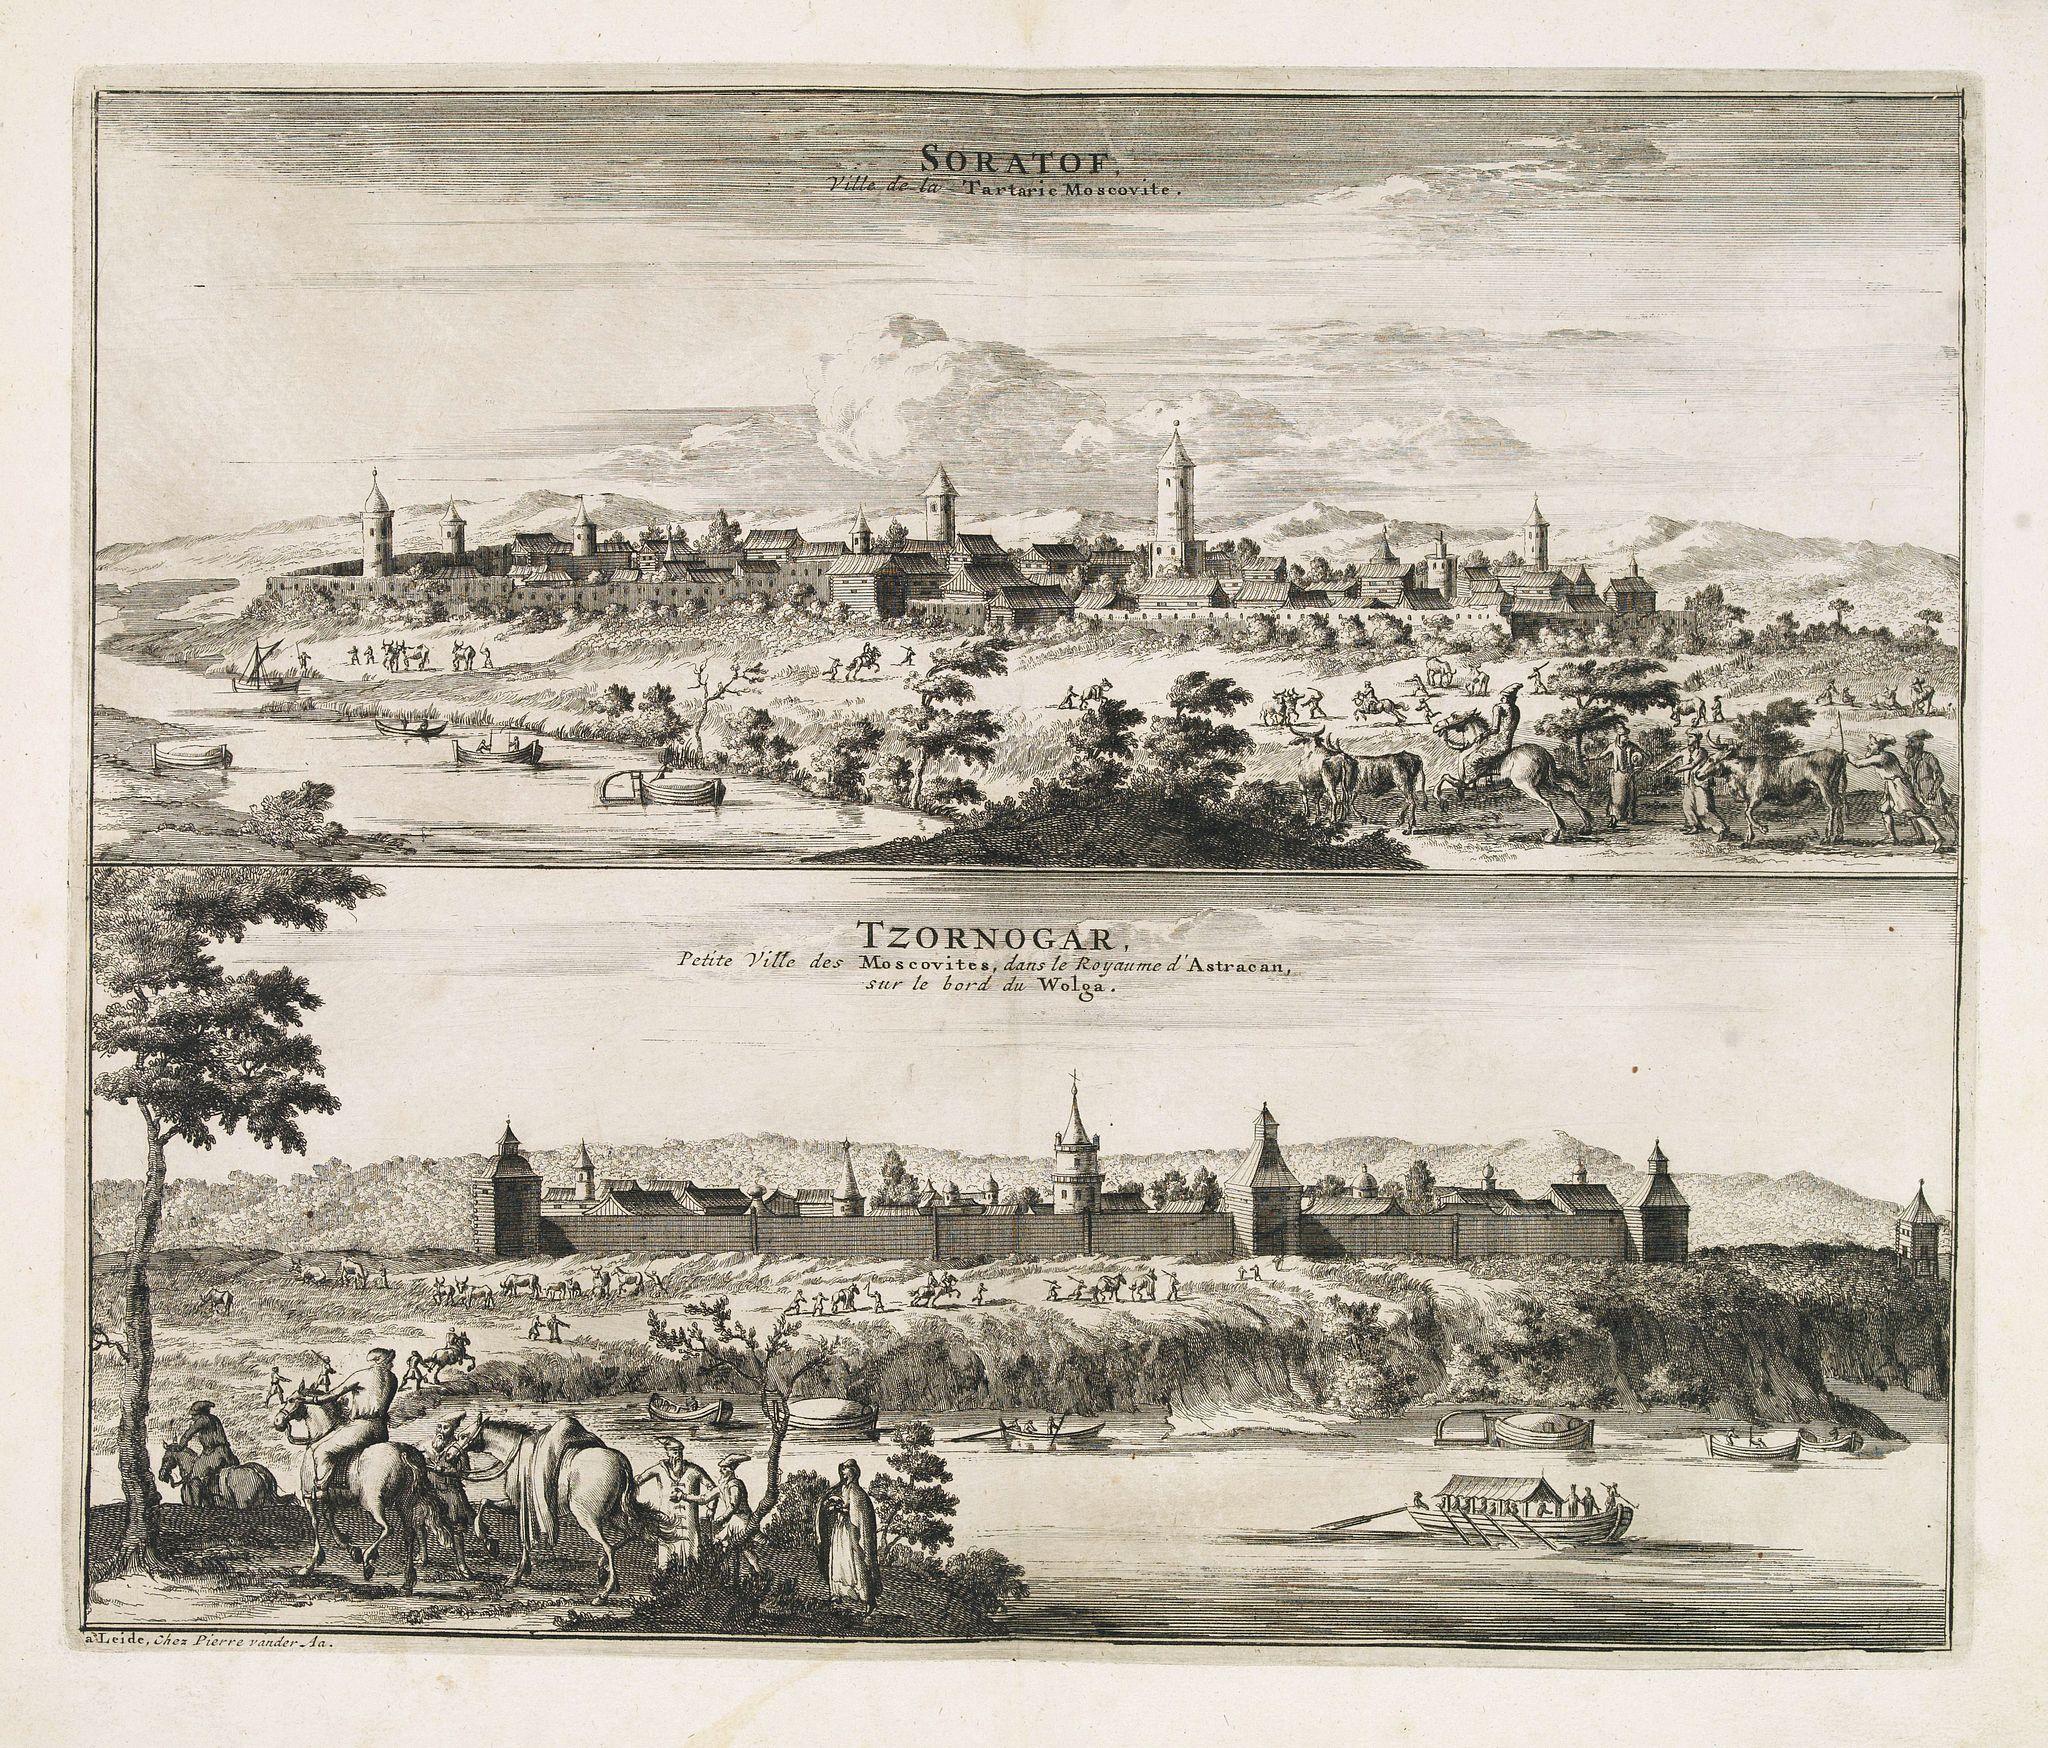 VAN DER AA, P. / OLEARIUS, A. -  Soratof, ville de Tartarie Moscovite. / Tzornogar, Petite Ville des Moscovites, dans le Royaume d'Astracan, sur le bord du Volga.